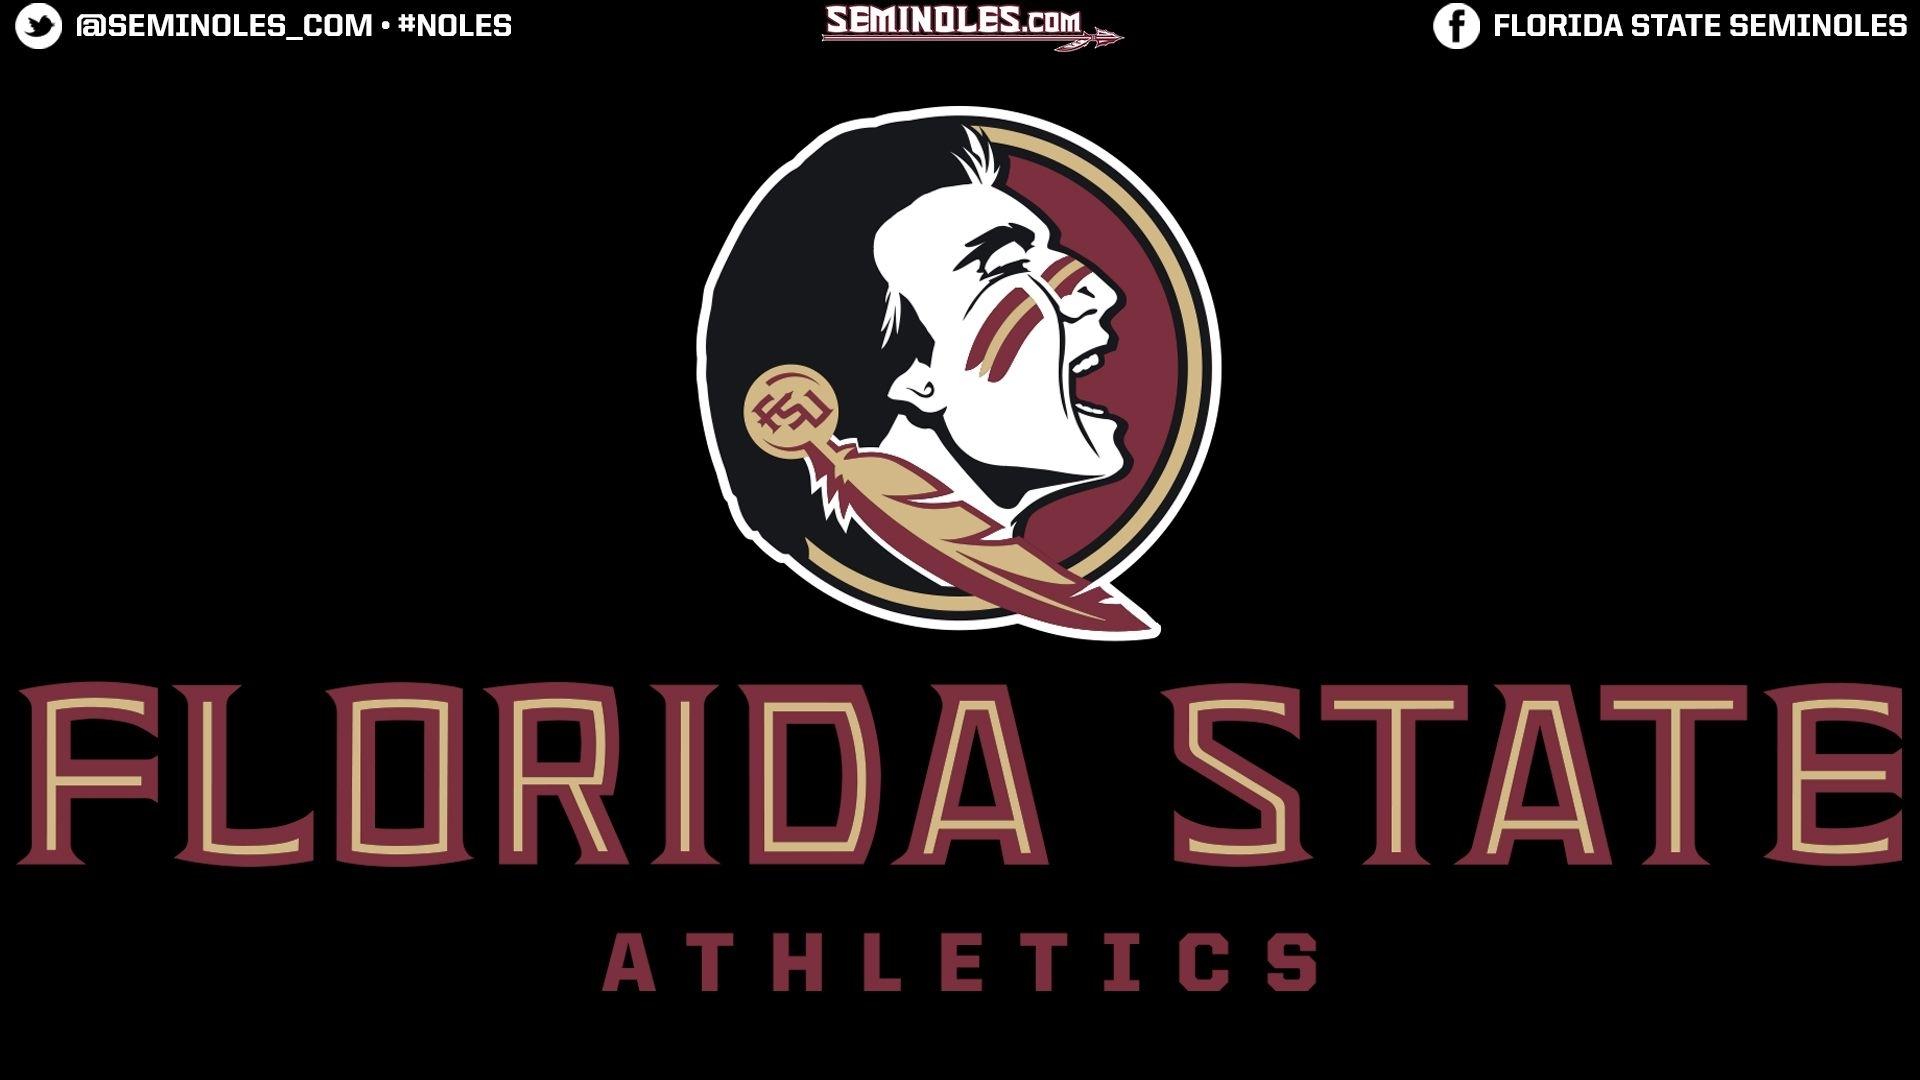 seminoles desktop wallpapers - florida state seminoles   images